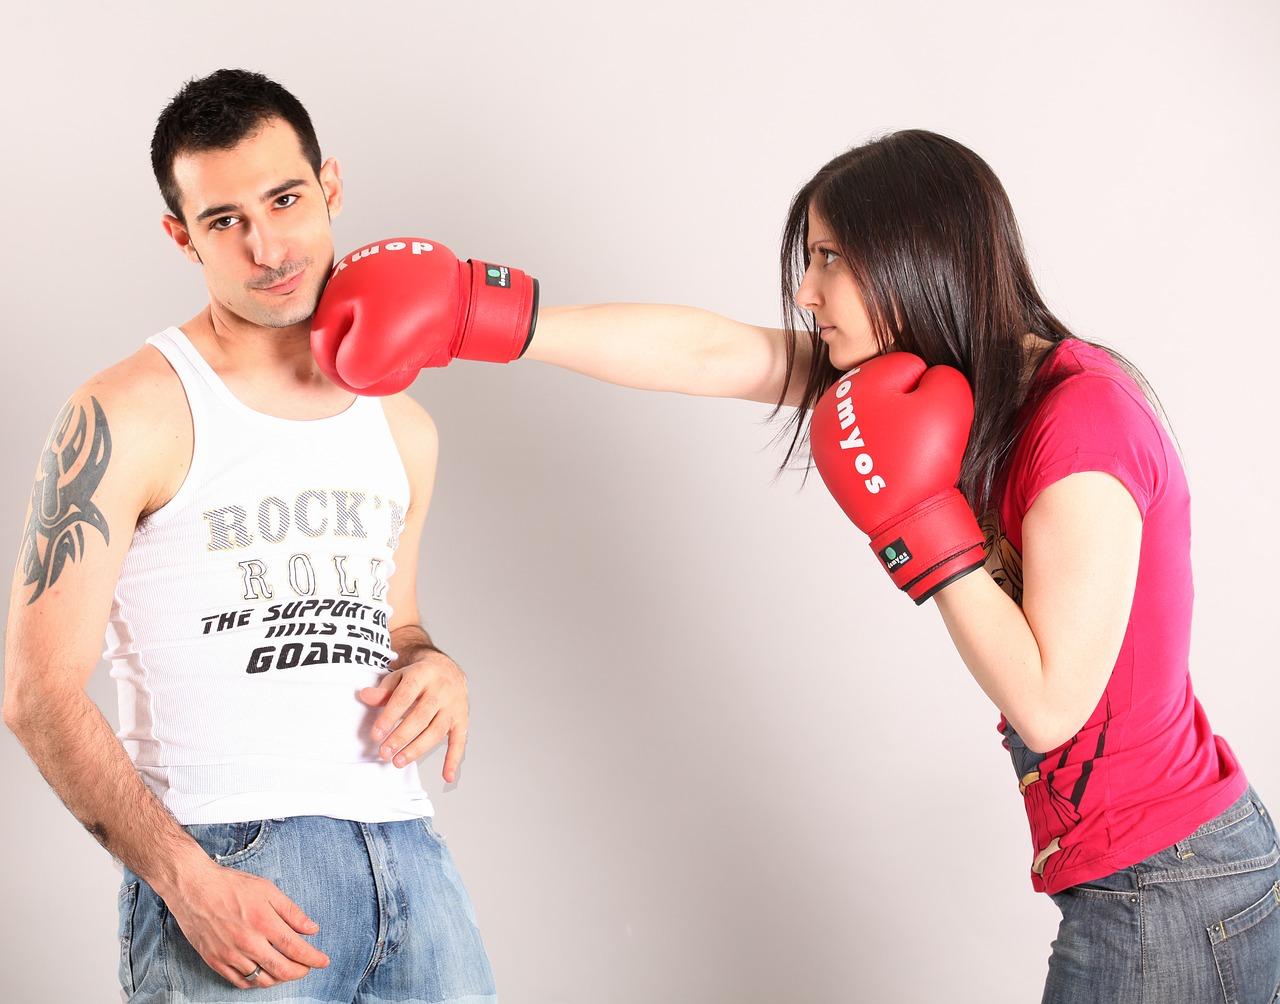 キックボクシングはムシャクシャ解消にはとっても最適。どのように最適か解説!